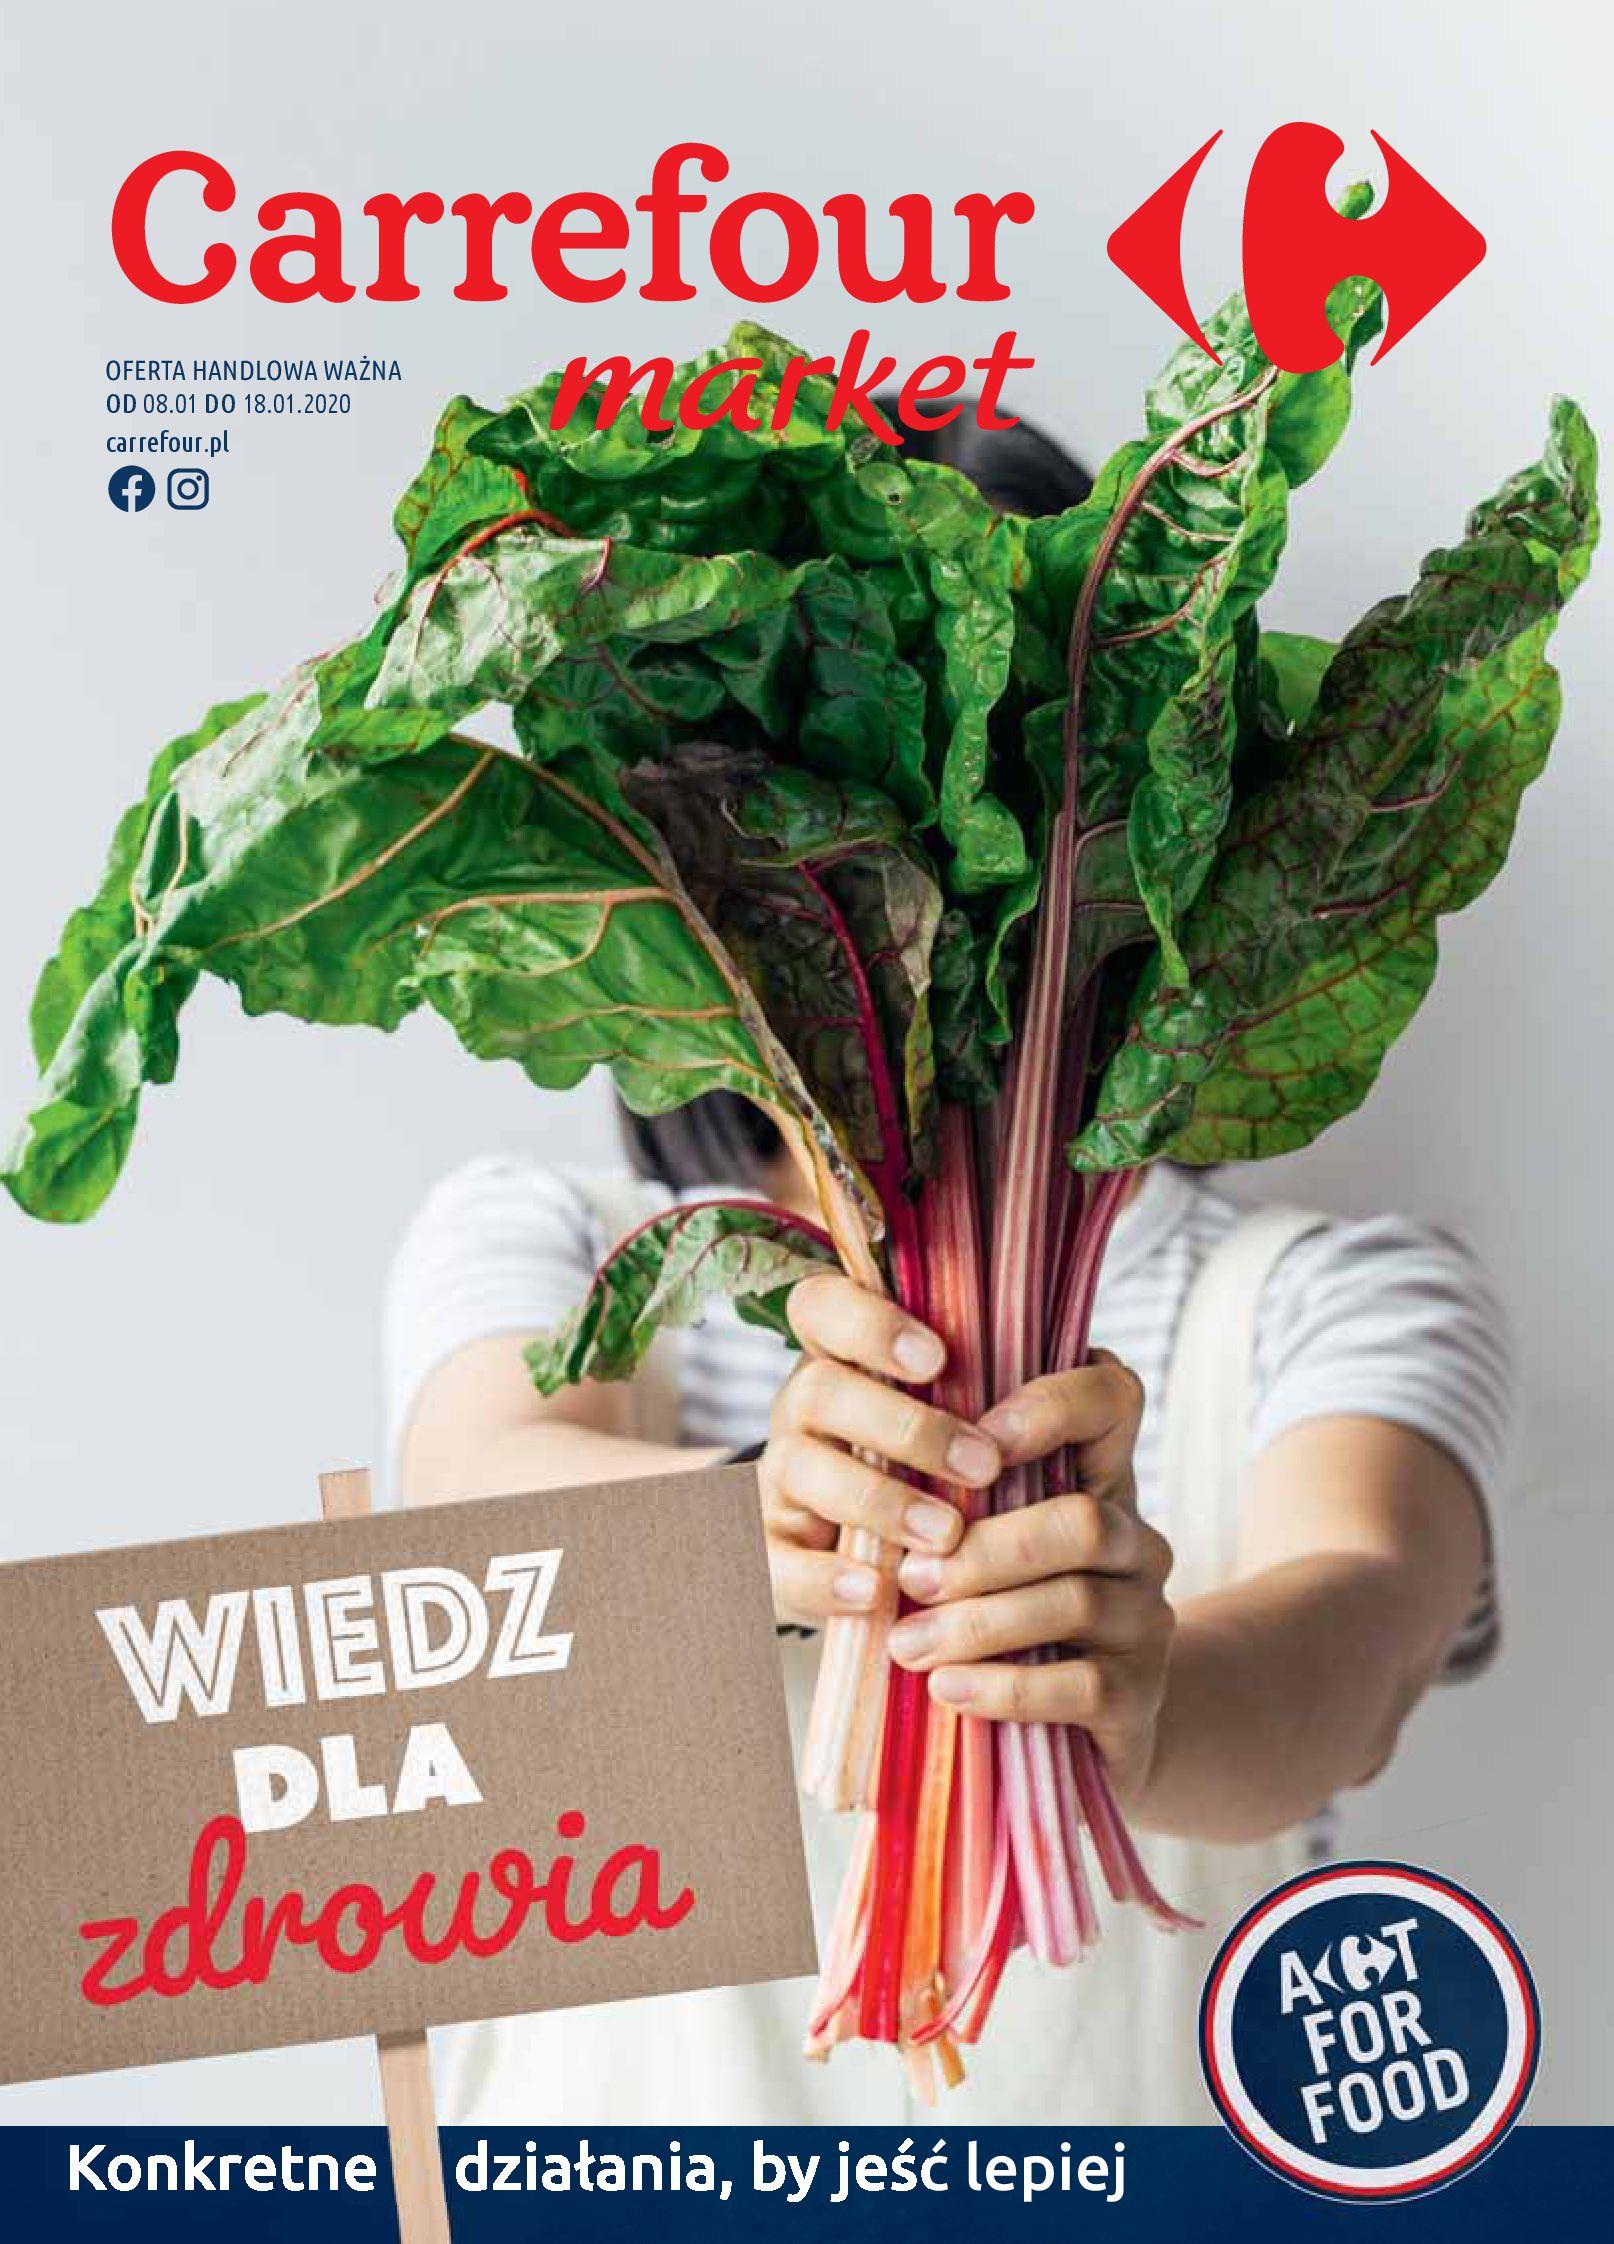 Gazetka Carrefour Market - Wiedz dla zdrowia-07.01.2020-18.01.2020-page-1